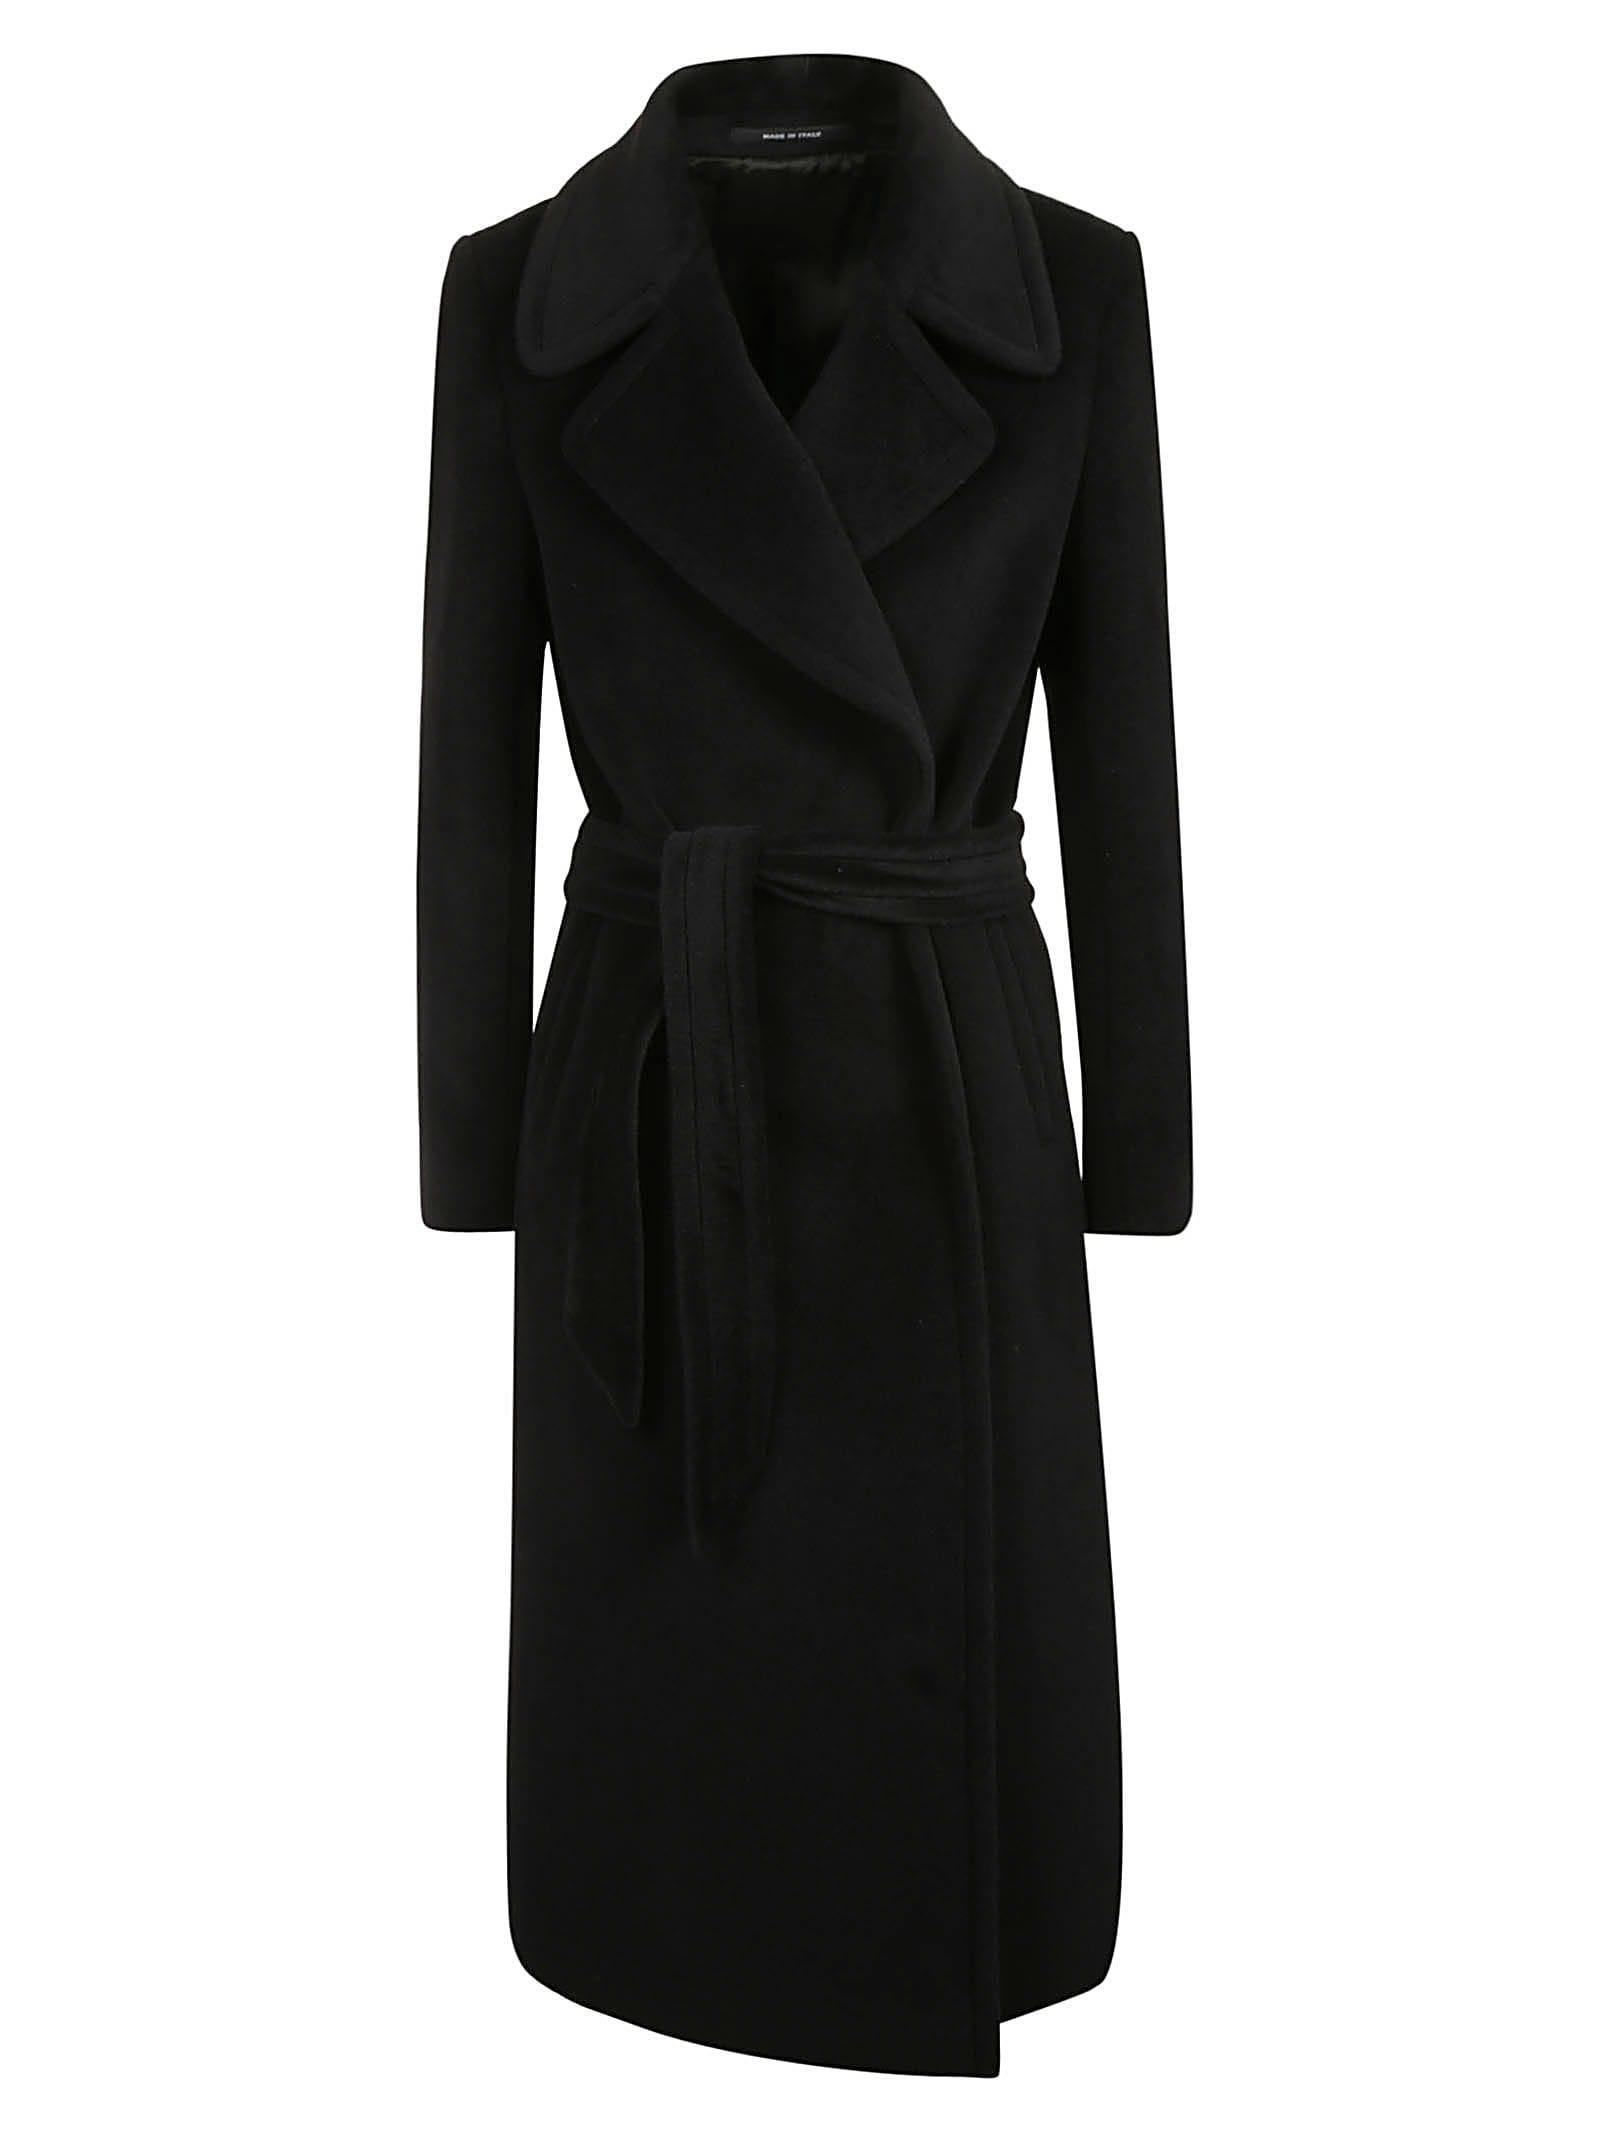 Tagliatore Classic Belted Coat